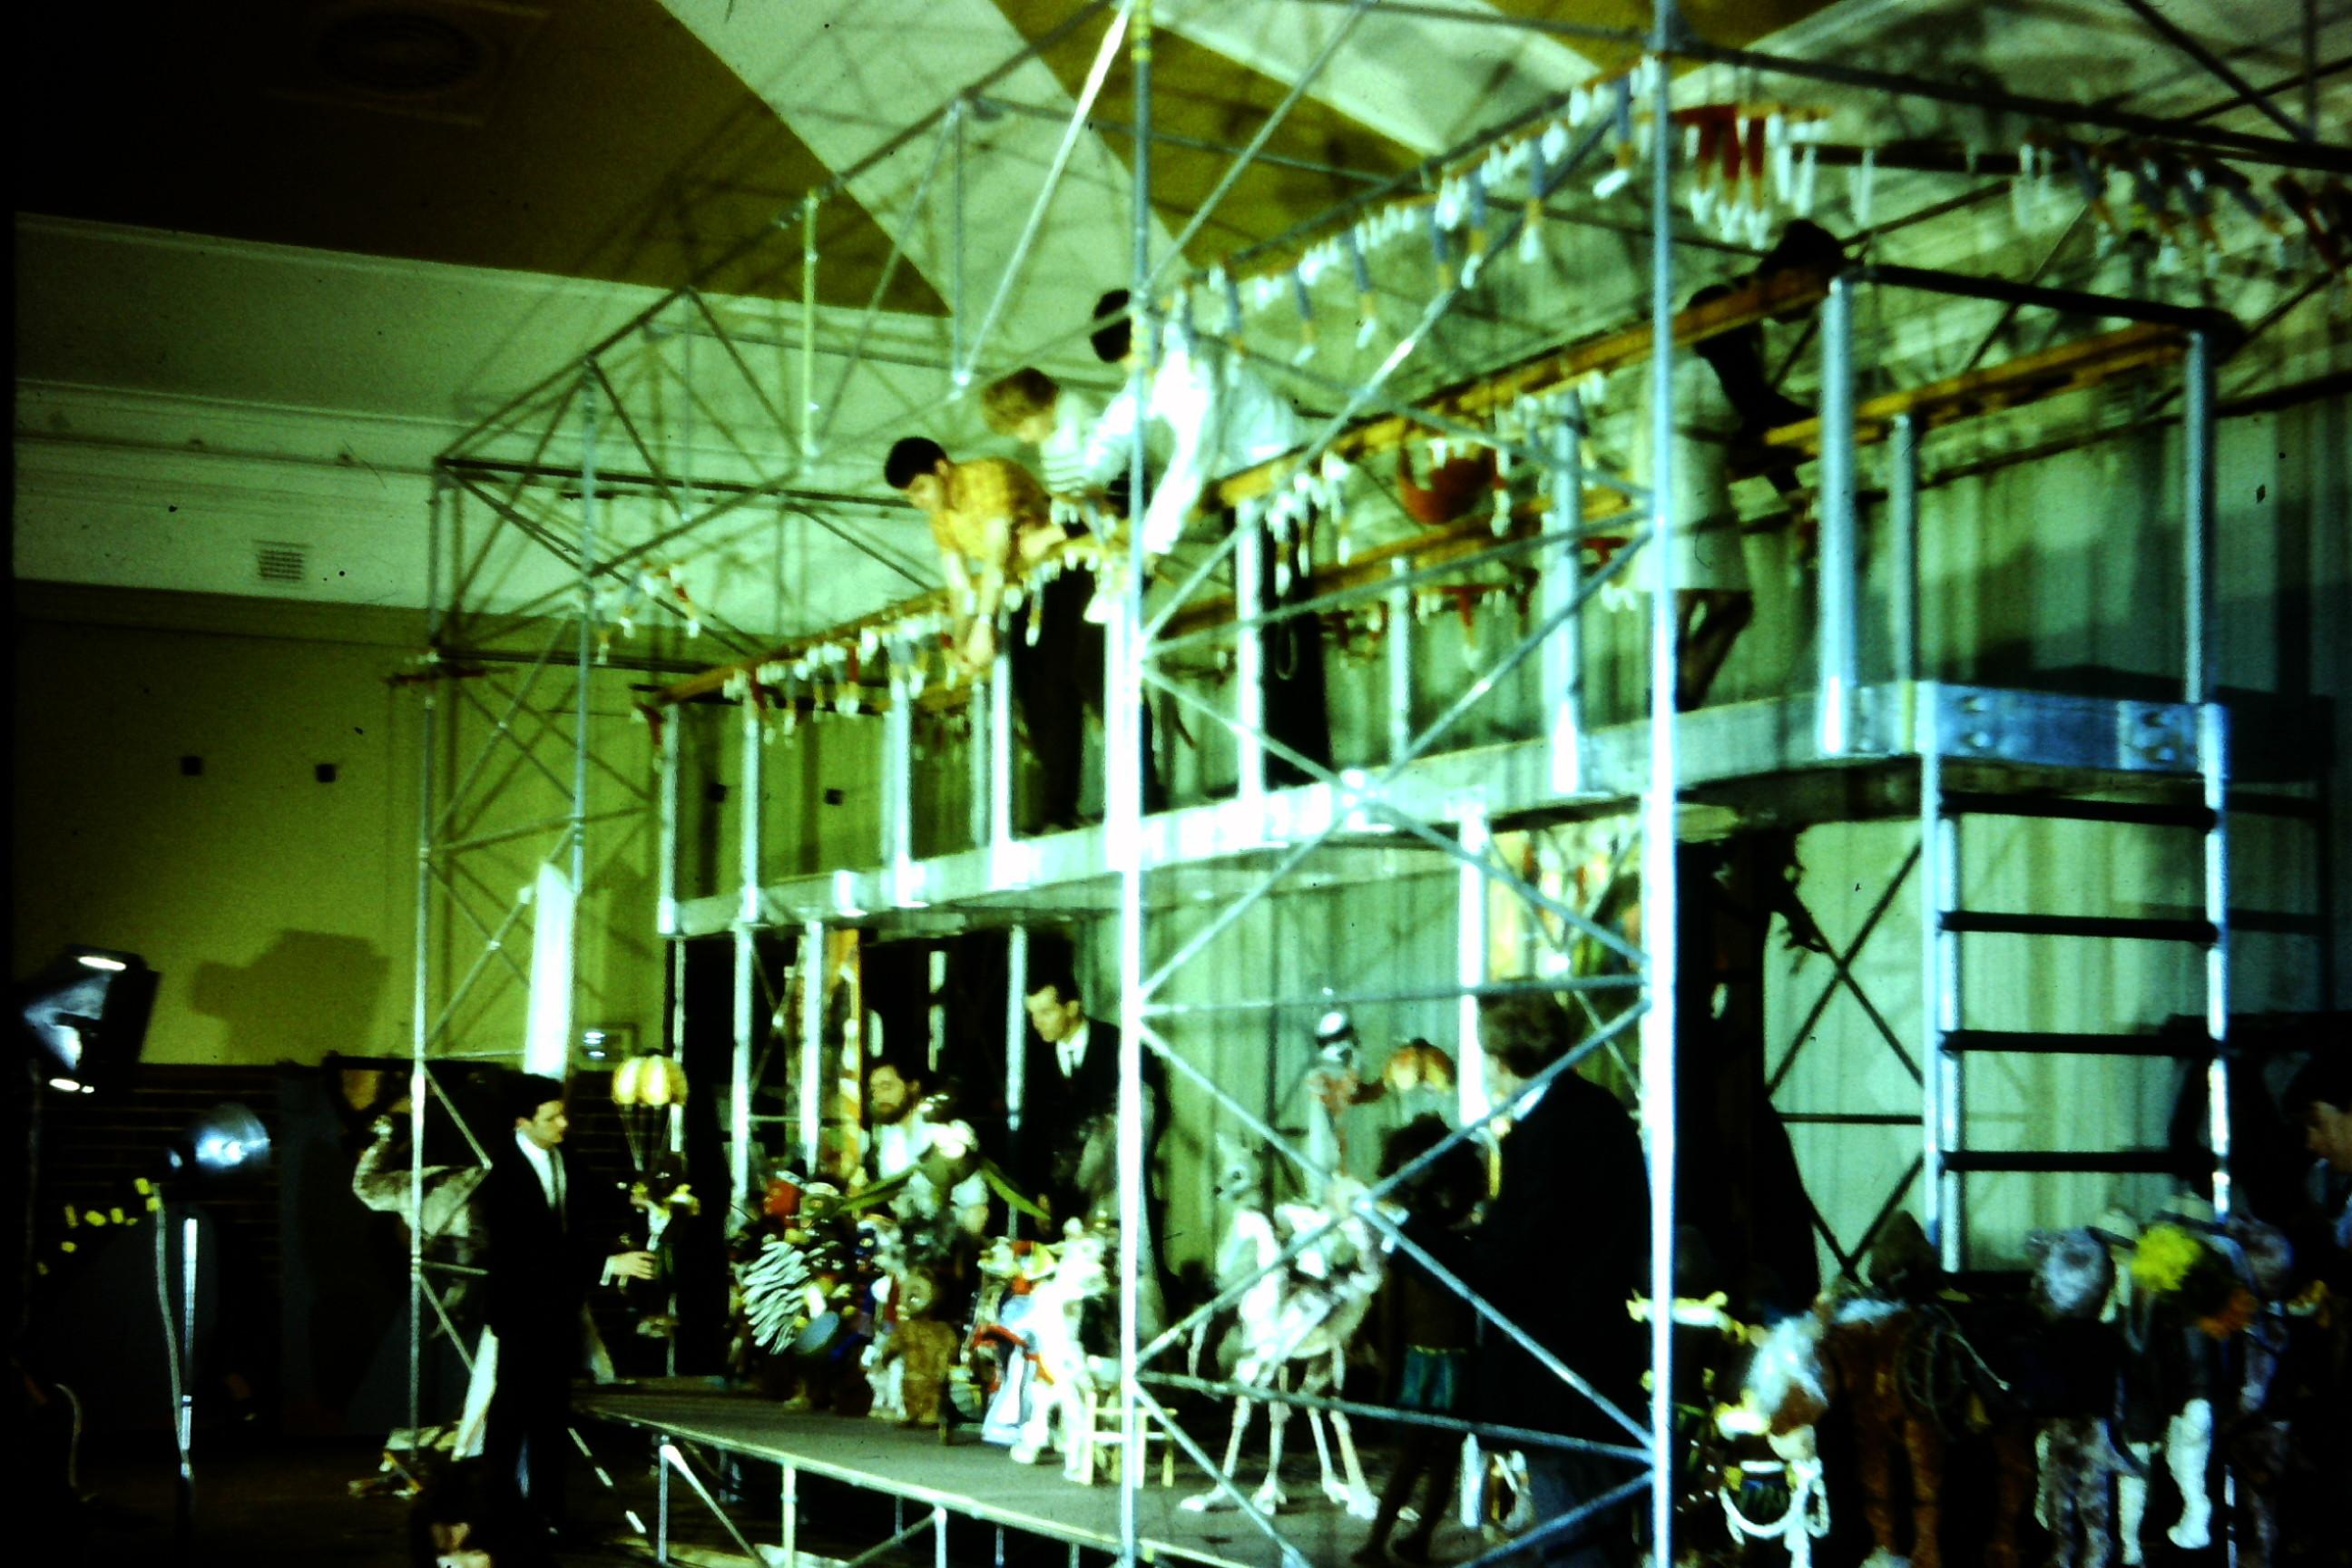 Scène en coulisses de <em>The Explorers</em> (1968), une production du Marionette Theatre of Australia, mise en scène : Peter Scriven. Marionnettes à fils. Photo réproduite avec l'aimable autorisation de Collection : Marionette Theatre of Australia